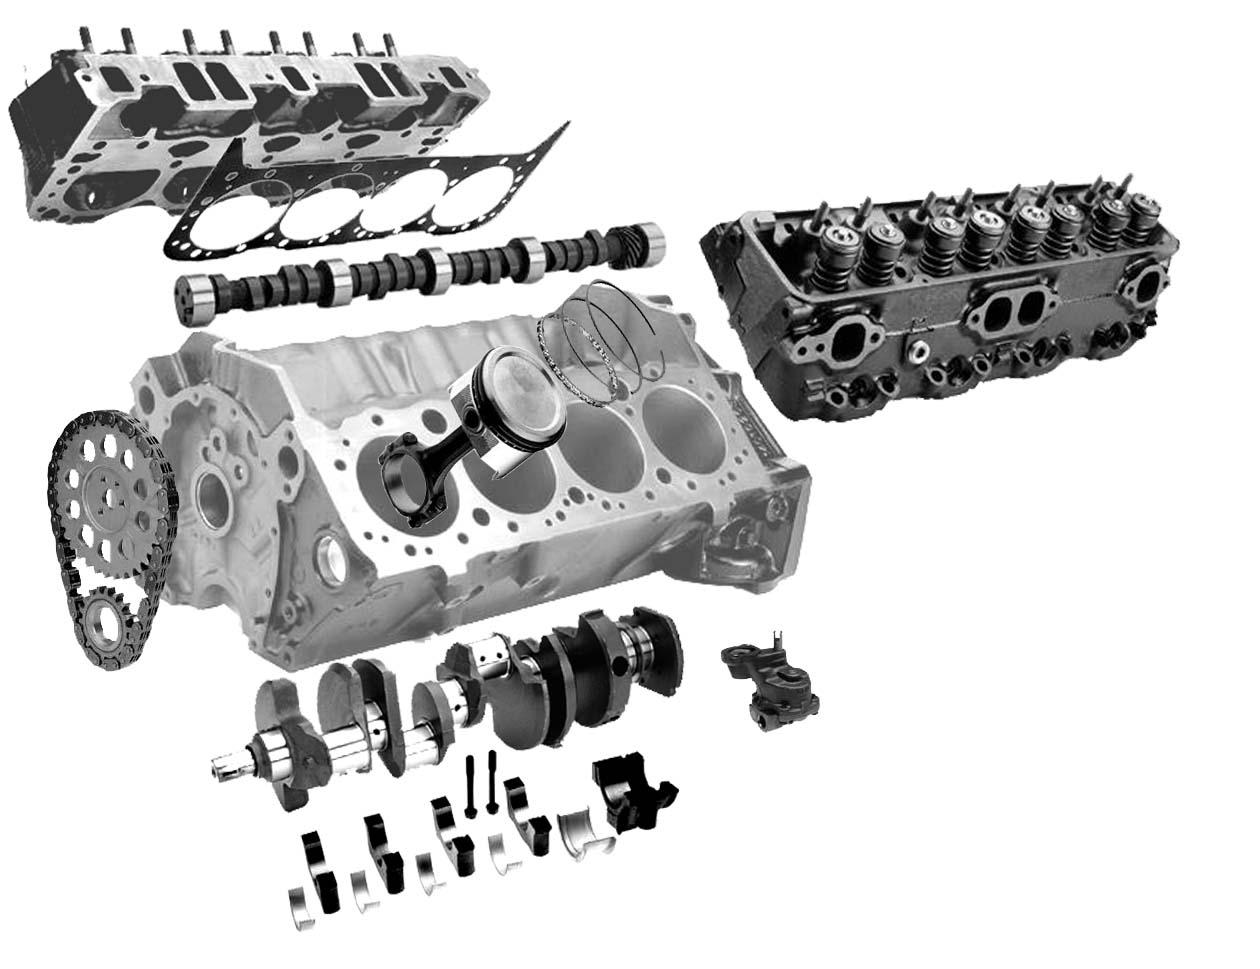 حذارِ من صوت صفير المحرك عند تشغيله لأول مره فهو انذار بقرب تلف احد القطع الهامه في سيارتك